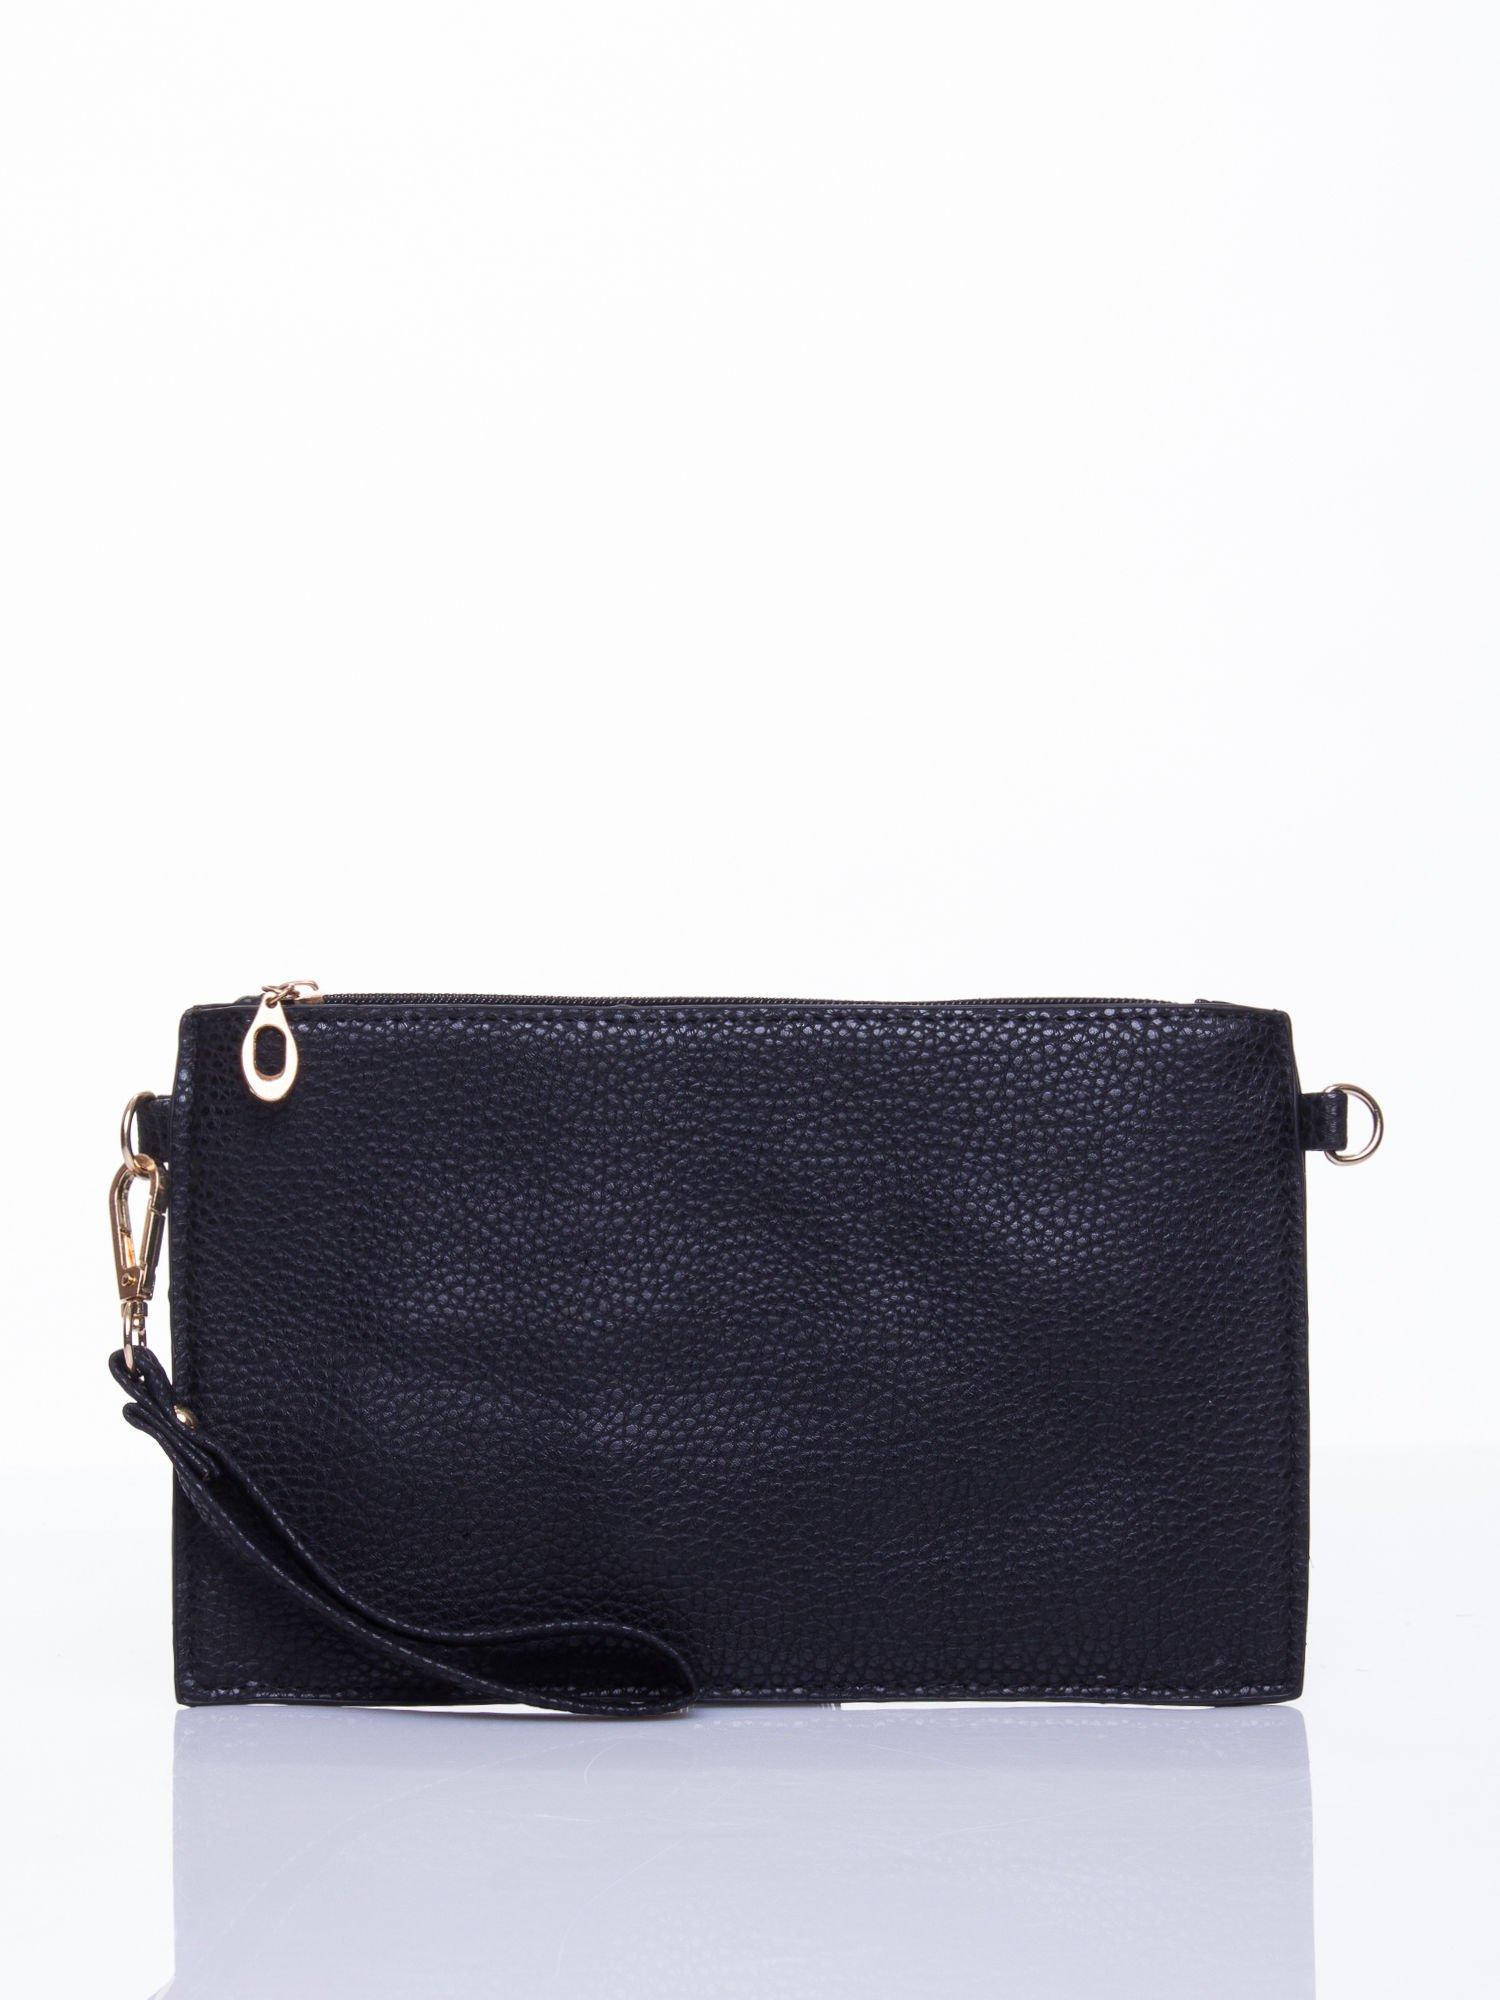 Czarna prosta przewieszana torebka z uchwytem                                  zdj.                                  1